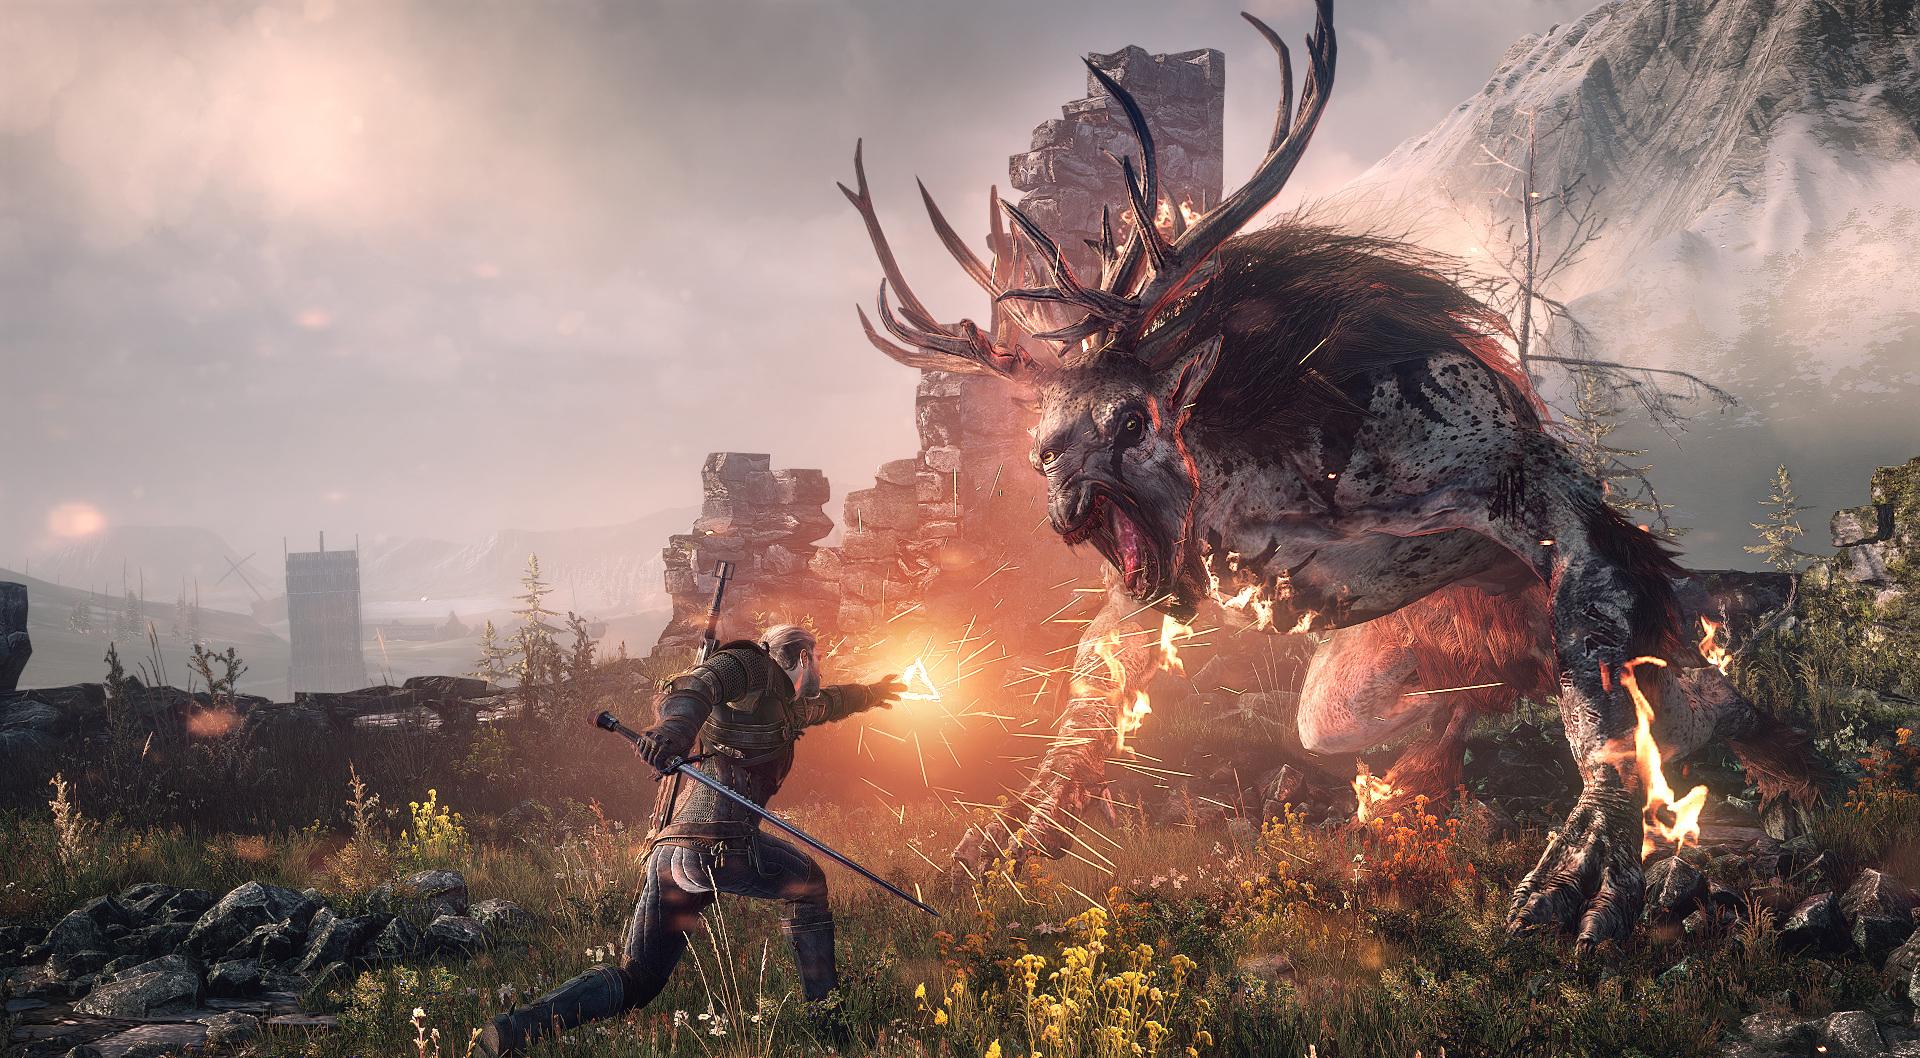 «The Witcher 3: Wild Hunt»: así serán los monstruos que habitan su universo